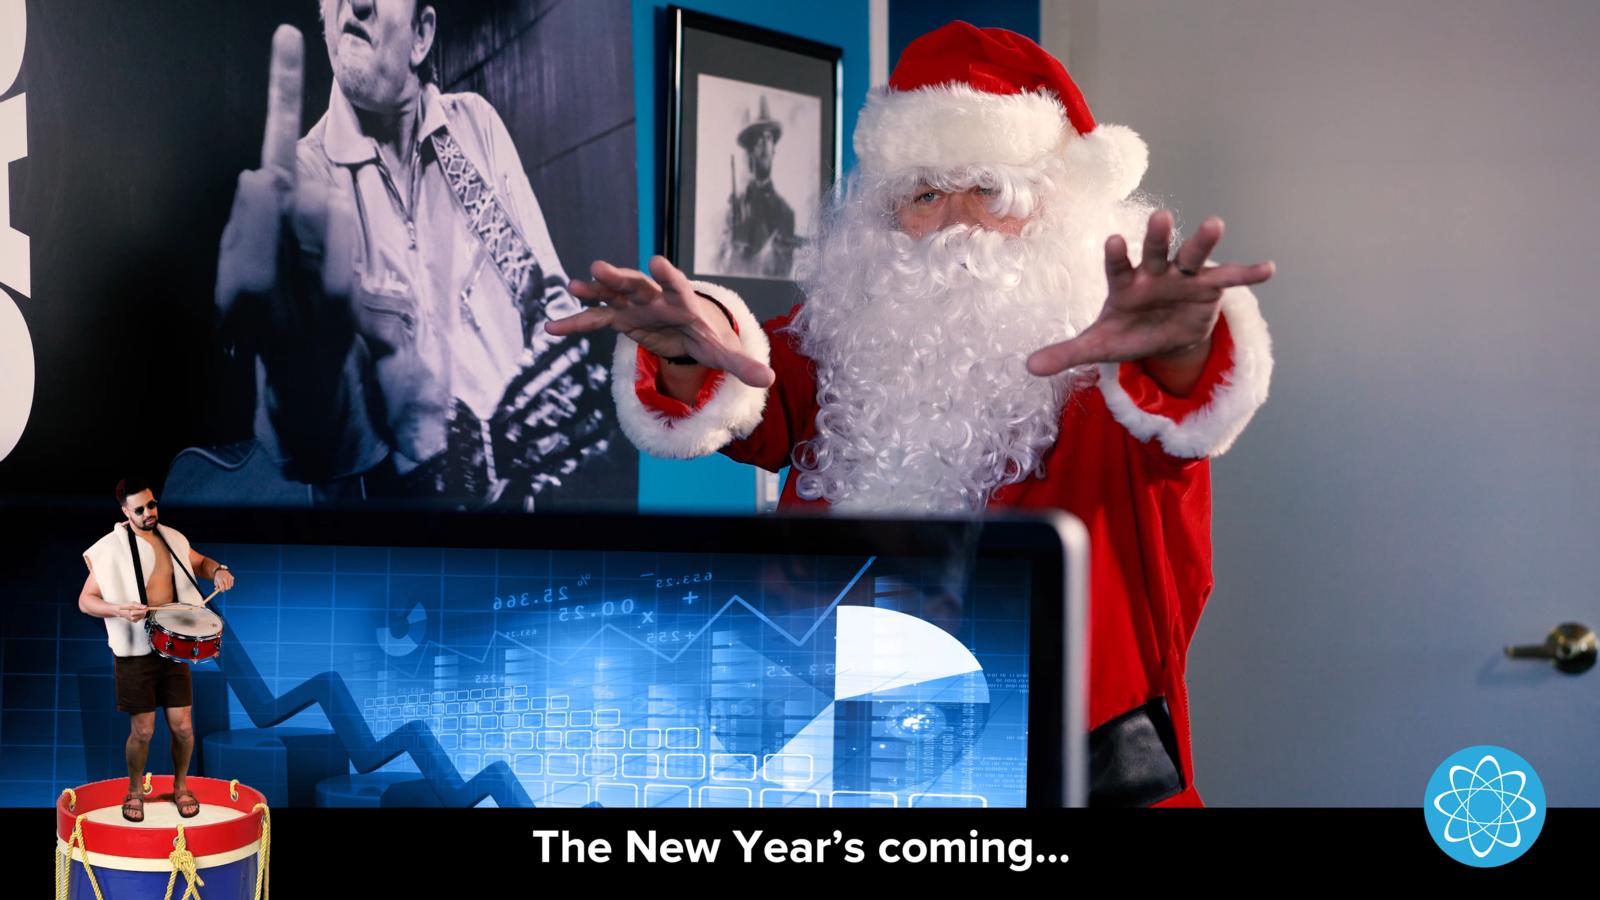 fwm christmas